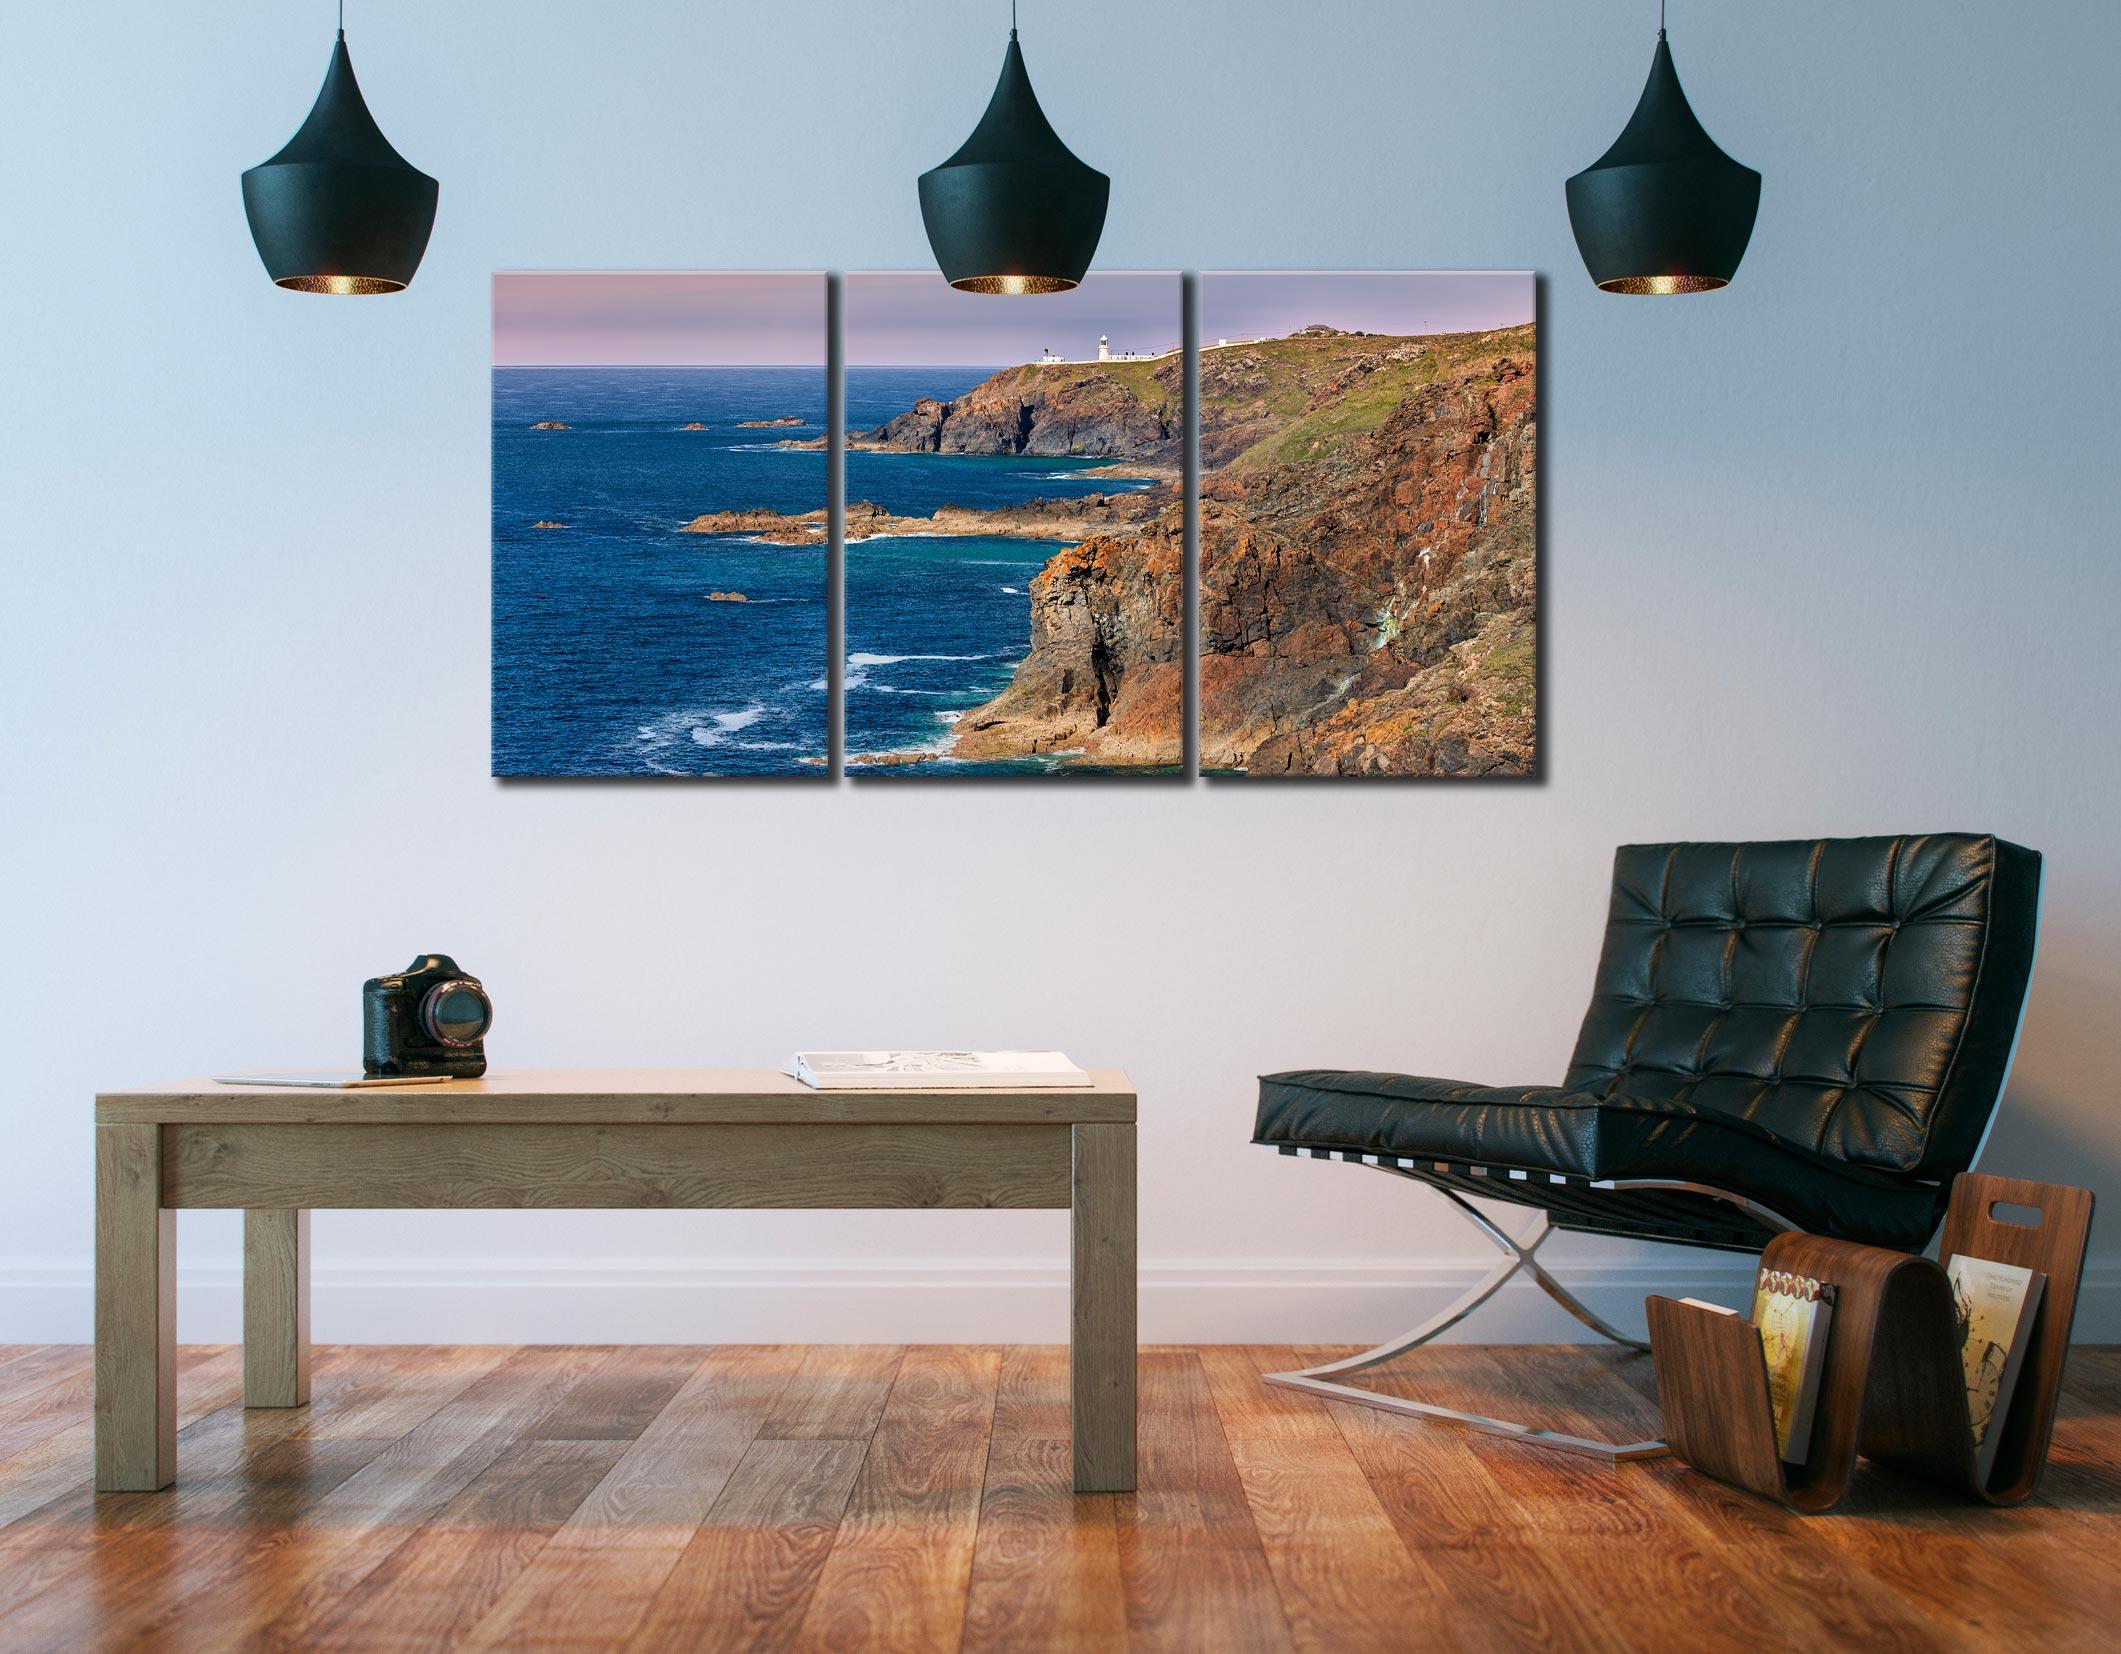 Pendeen Lighthouse Cliffs - 3 Panel Canvas on Wall